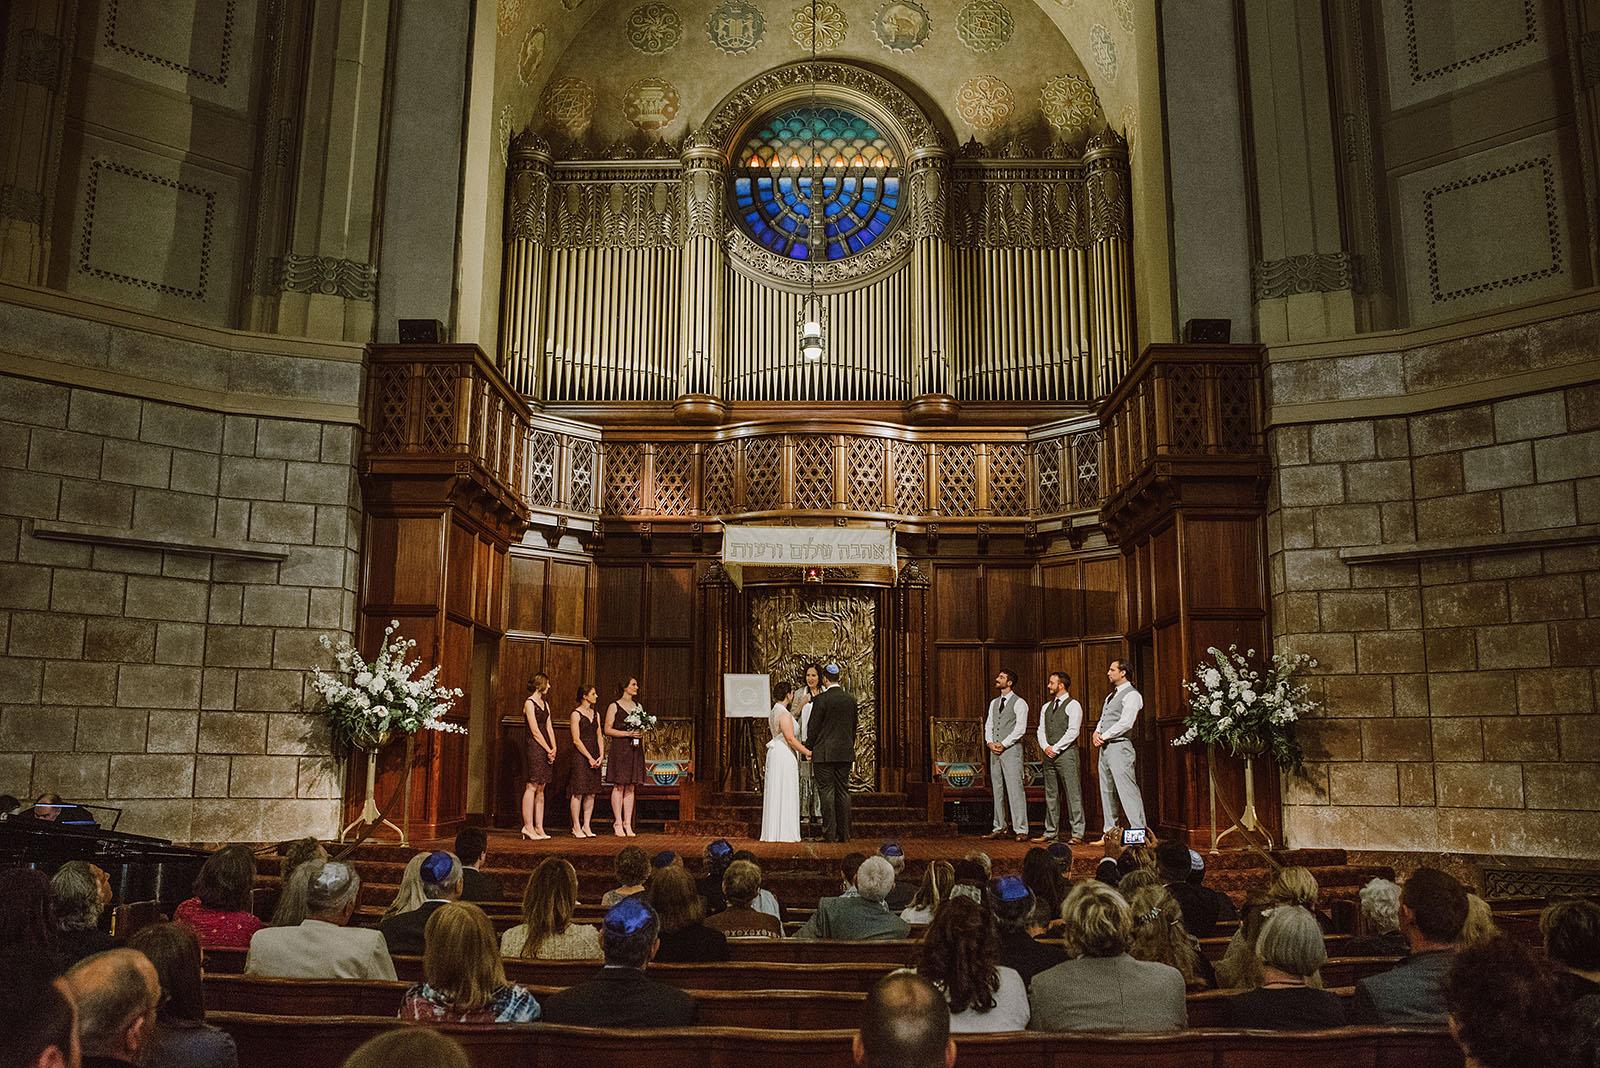 Congregation Beth Israel wedding ceremony